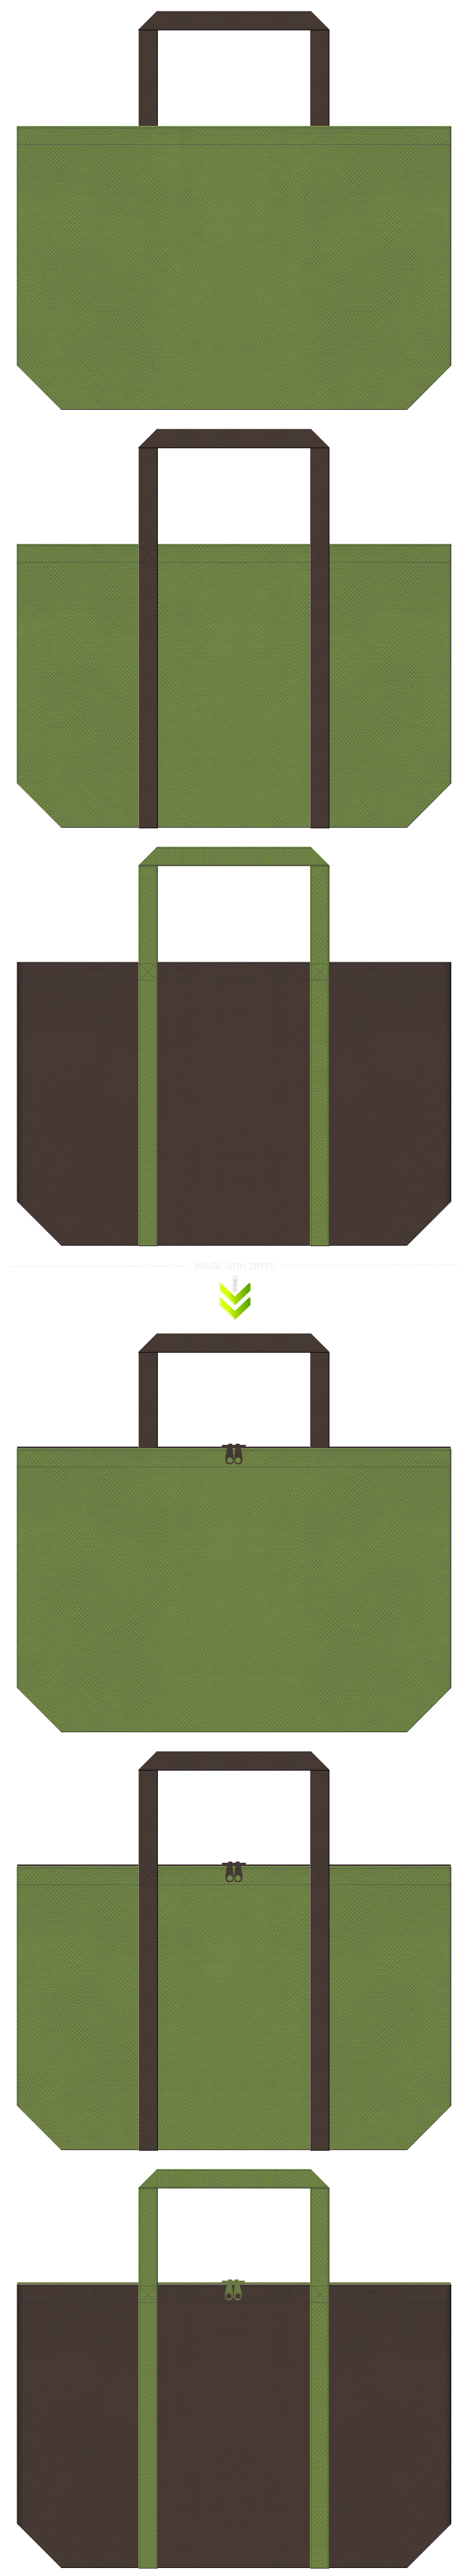 草色とこげ茶色の不織布エコバッグのデザイン。焼酎・伝統工芸のイメージや、お城イベントのノベルティにお奨めです。